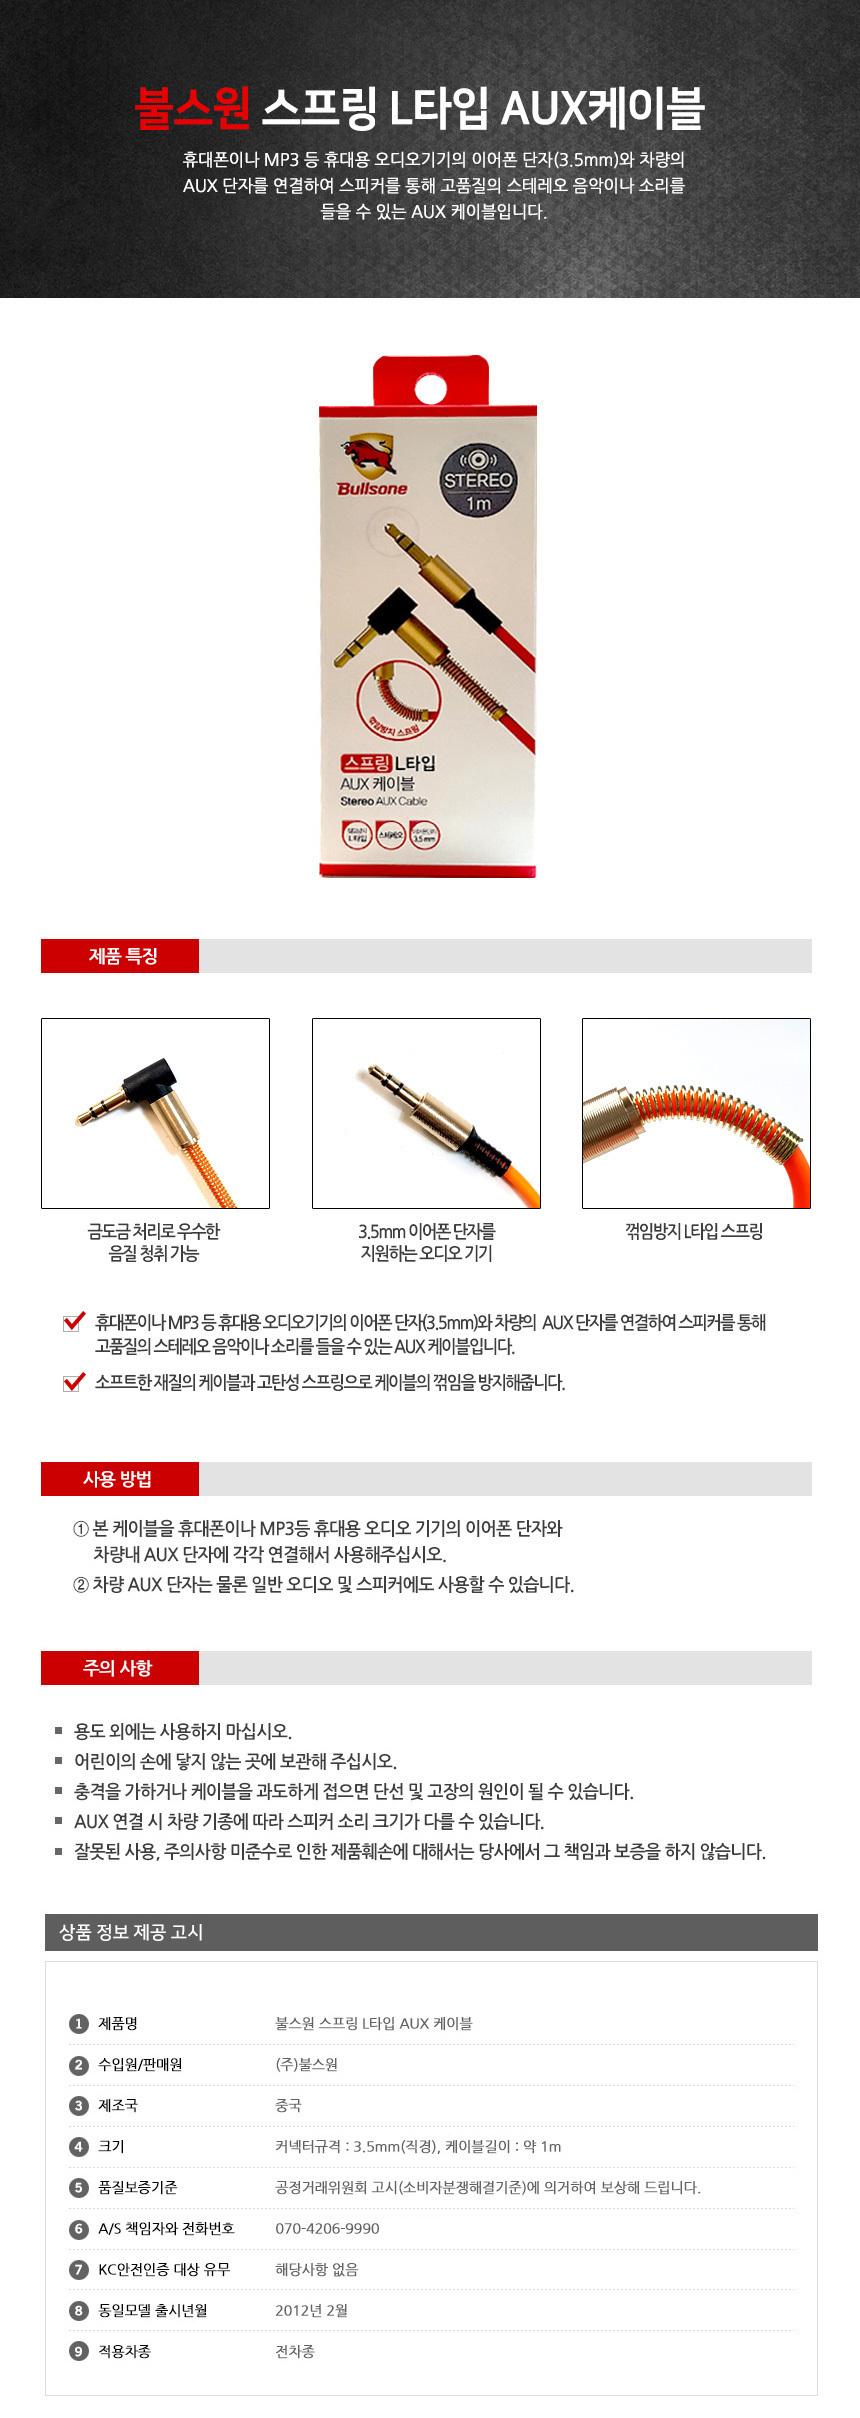 불스원 스프링 L타입 AUX케이블 - 불스원, 10,000원, 자동차용품, 기타용품